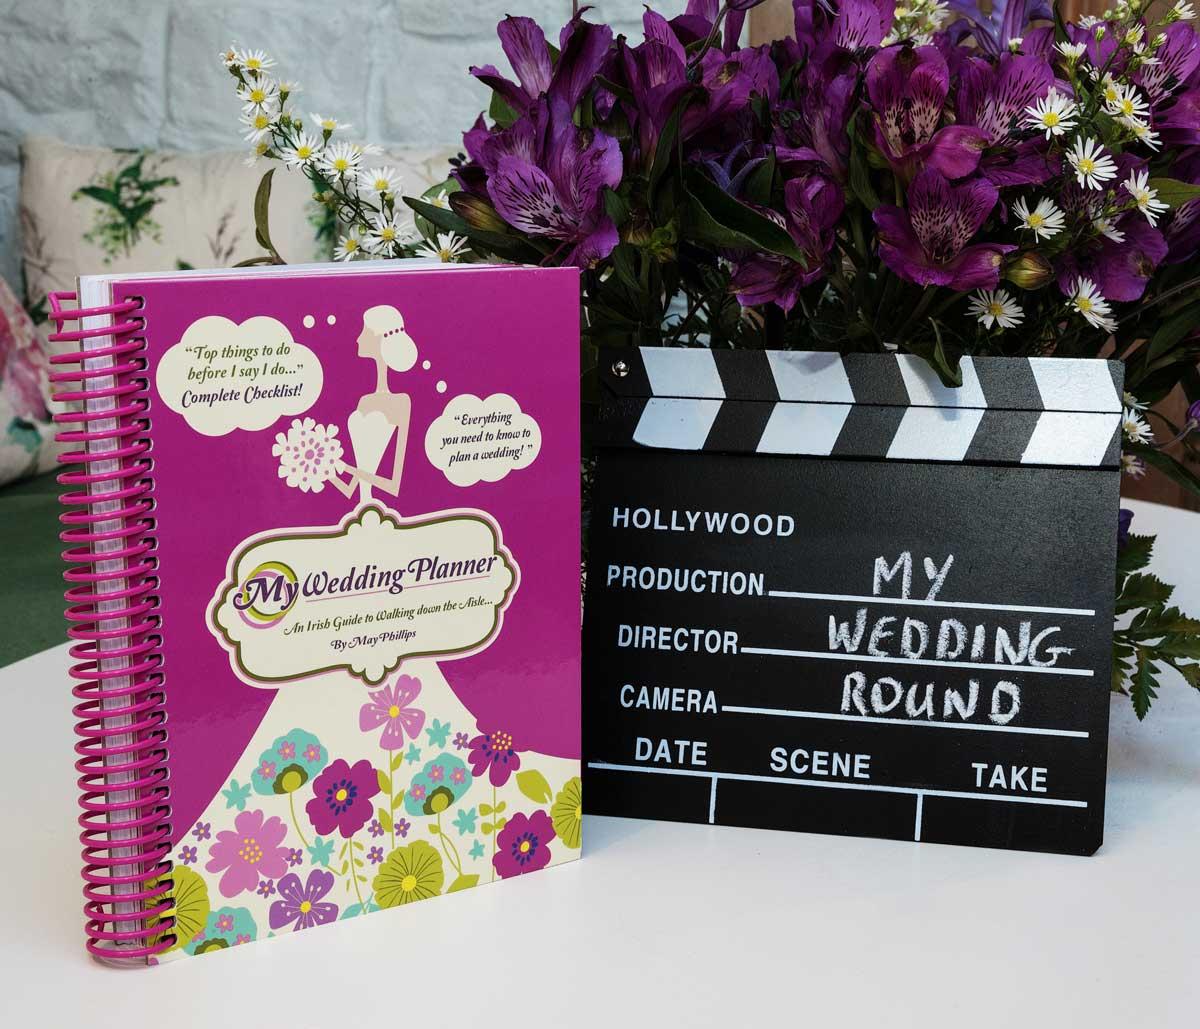 My-Wedding-Planner-Guide-Wedding-Round